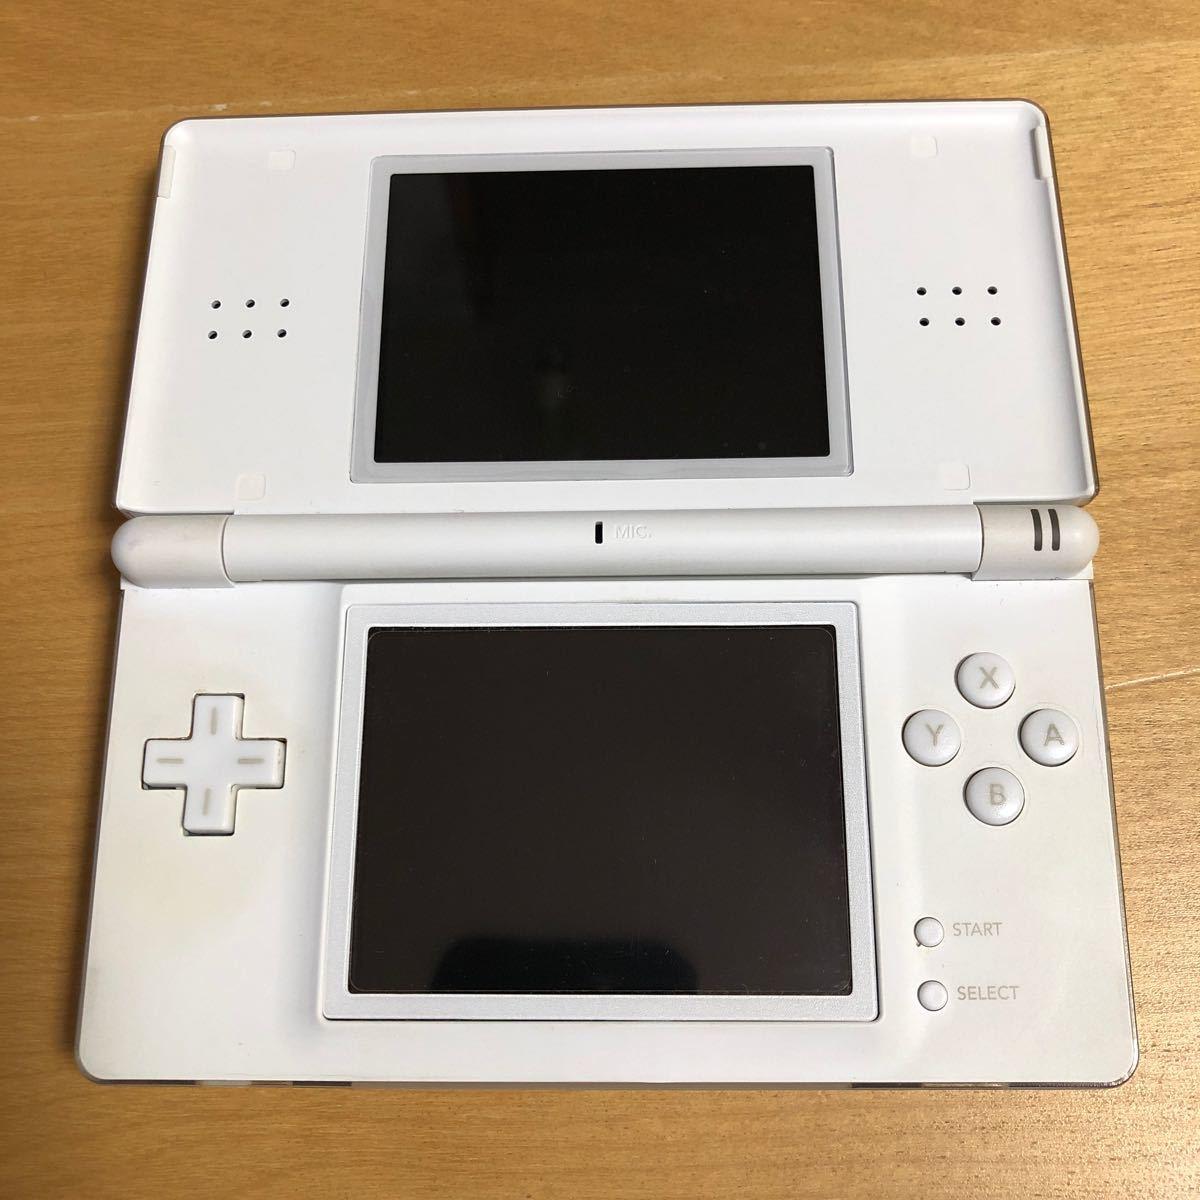 【年末年始期間中値下げ】NINTENDO DS Lite 本体2台セット、ソフト3本(2種類)付き